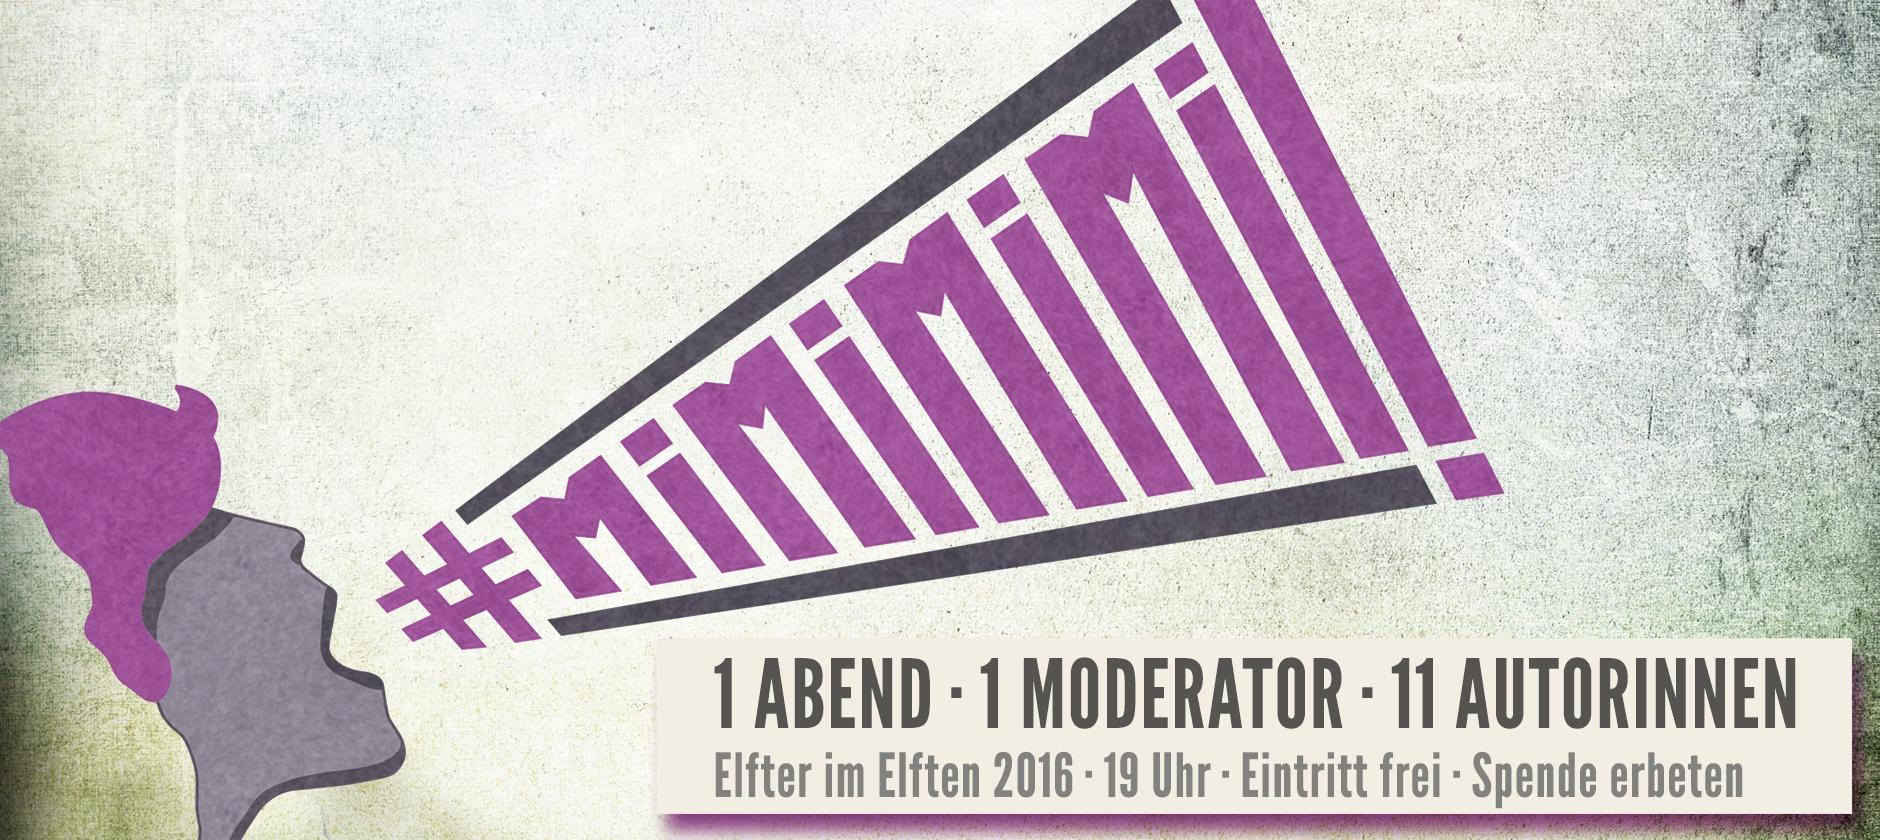 Herbstlesung Bonn am 11.11.2016